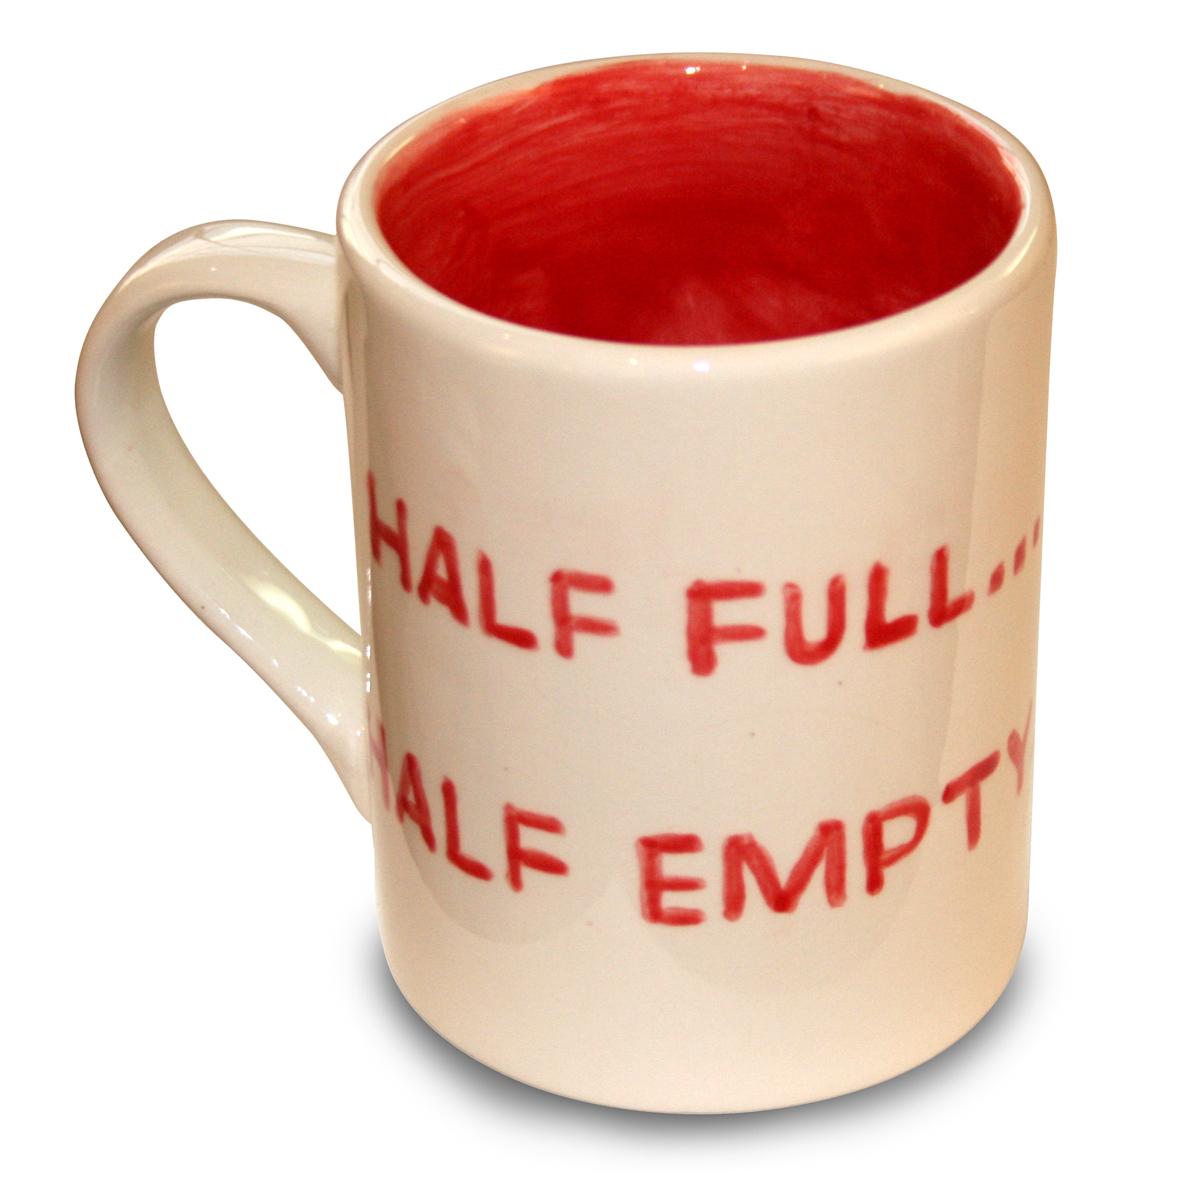 David Kramer, mug